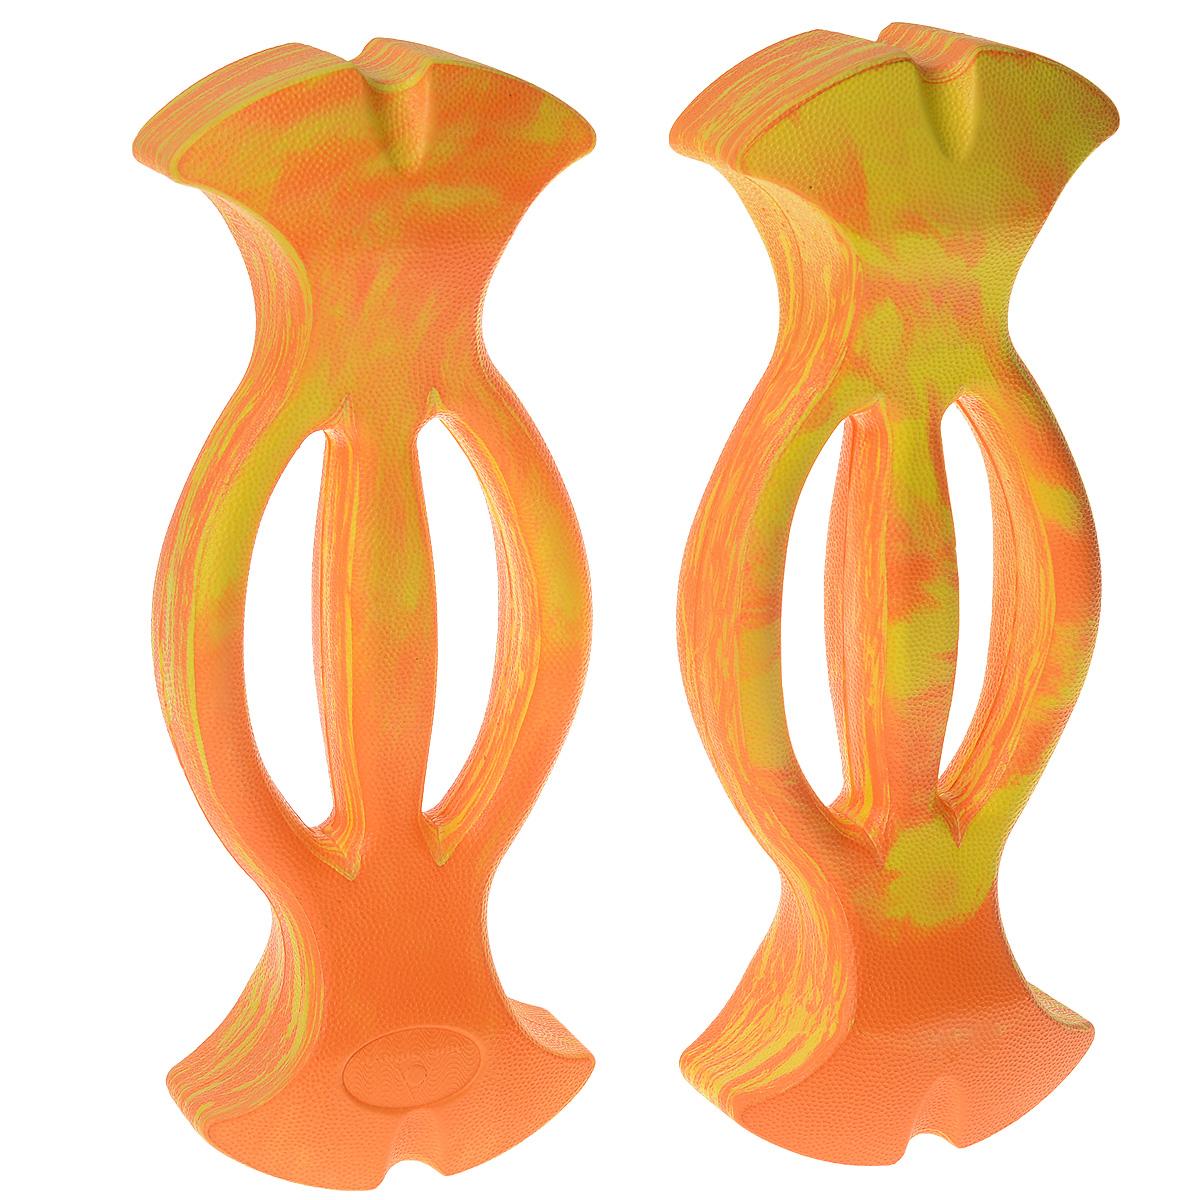 Усилитель сопротивления для рук Aqua Sphere ErgoBells, цвет: оранжевый, 2 штTN 549710Усилители сопротивления длярук Aqua Sphere ErgoBells предназначены для выполнения общеразвивающих упражнений. Изготовлены из влагоотталкивающего пористого полимера ЭВА. Усилители тонизируют мышцы плечевого пояса и сжигают калории.